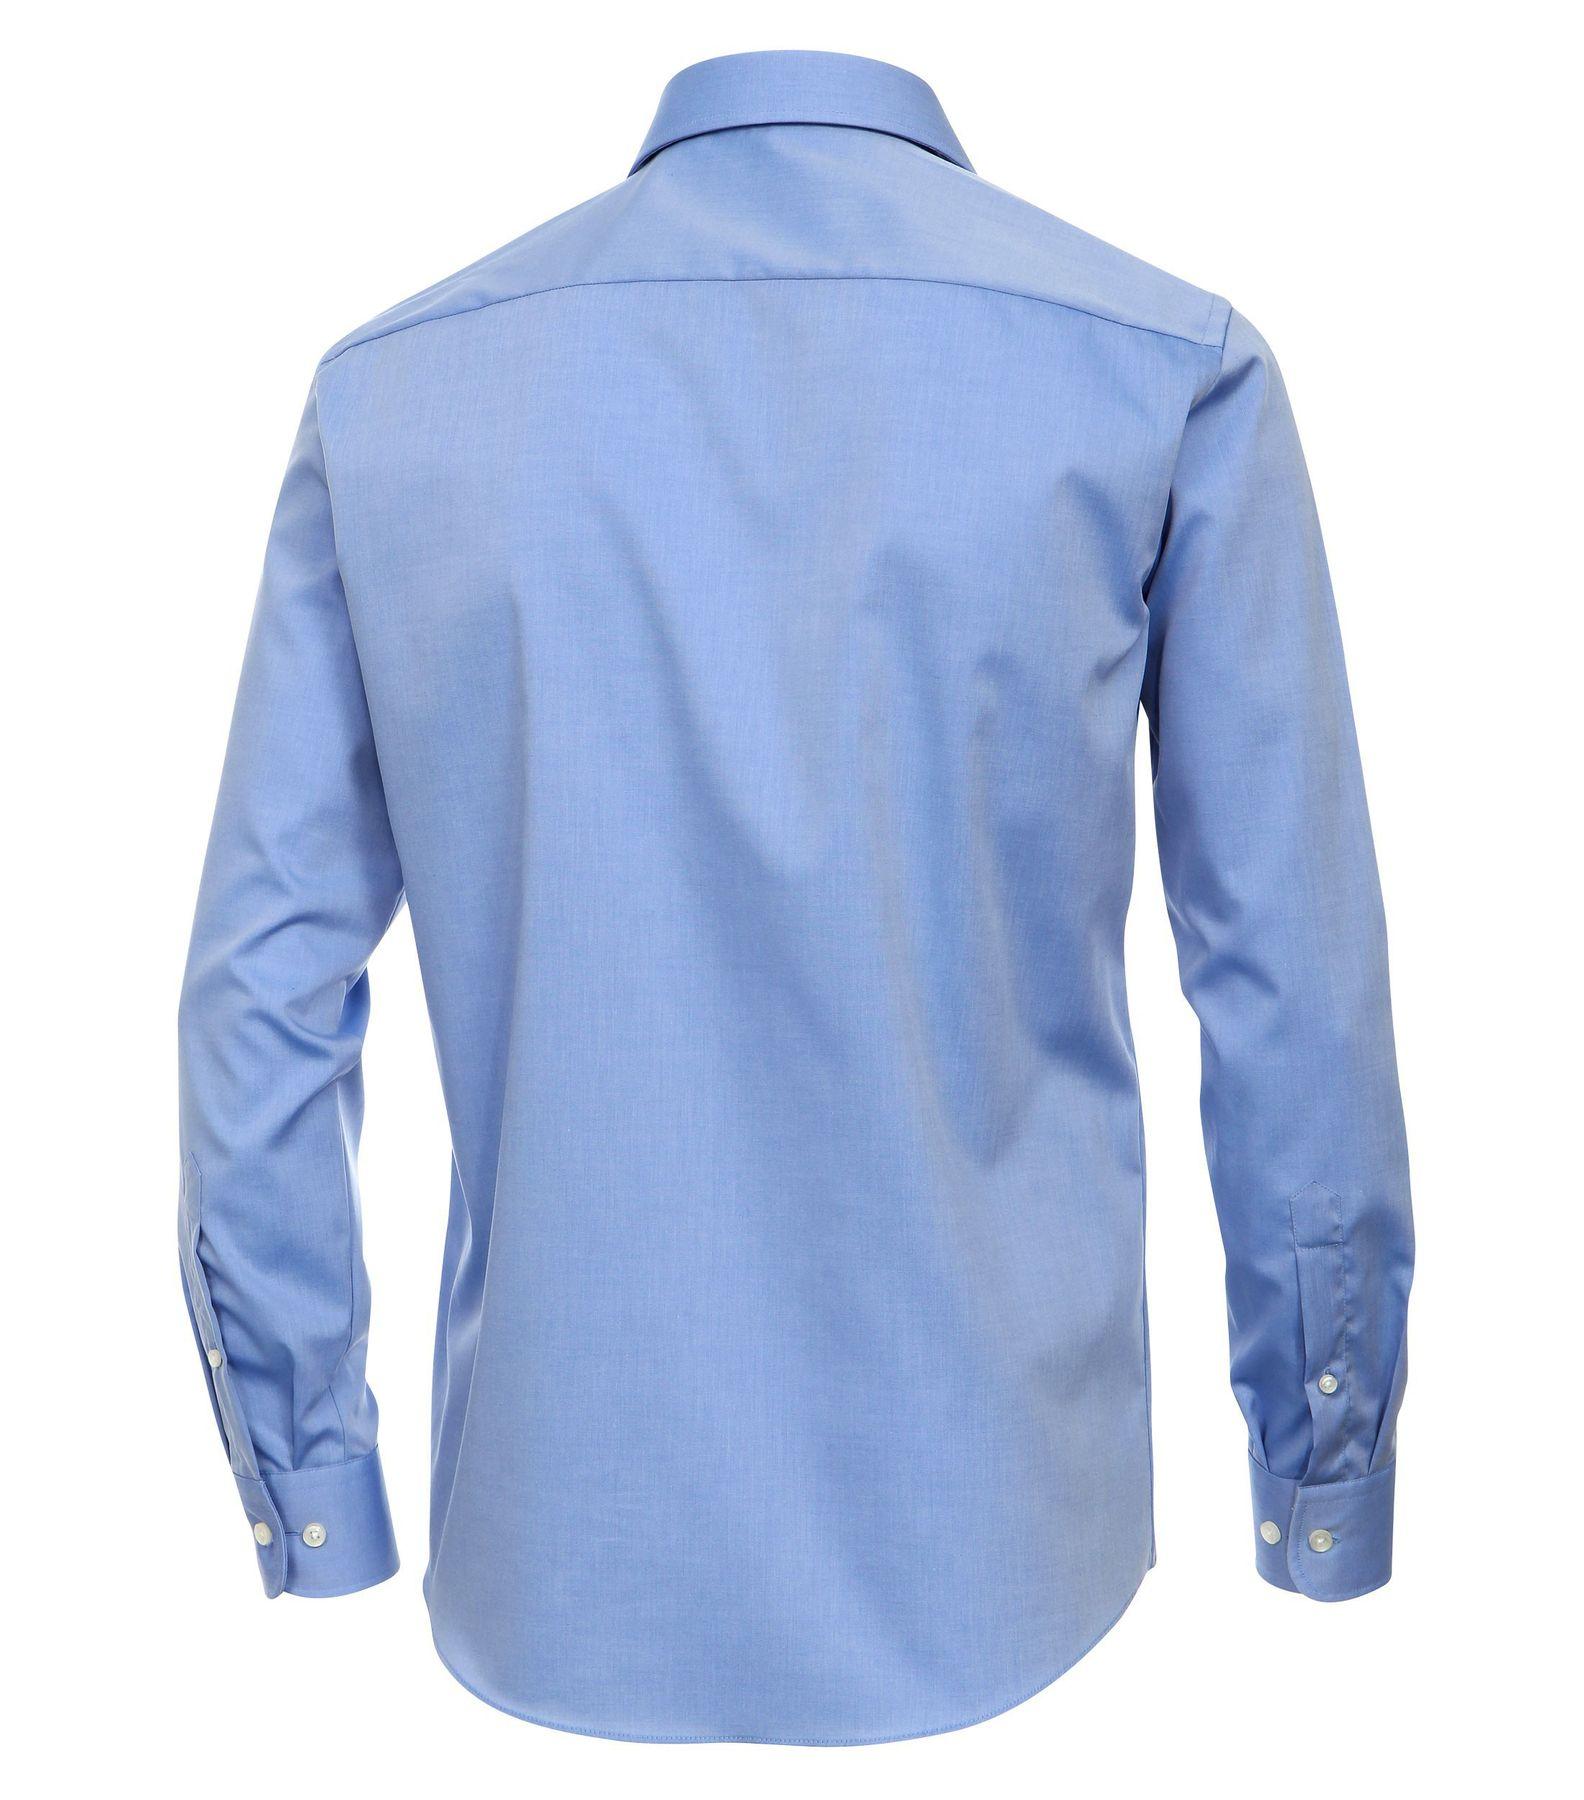 Casa Moda - Modern Fit - Bügelfreies Herren Business Hemd mit Extra langem Arm (72cm) in verschiedenen Farben (006562) – Bild 22